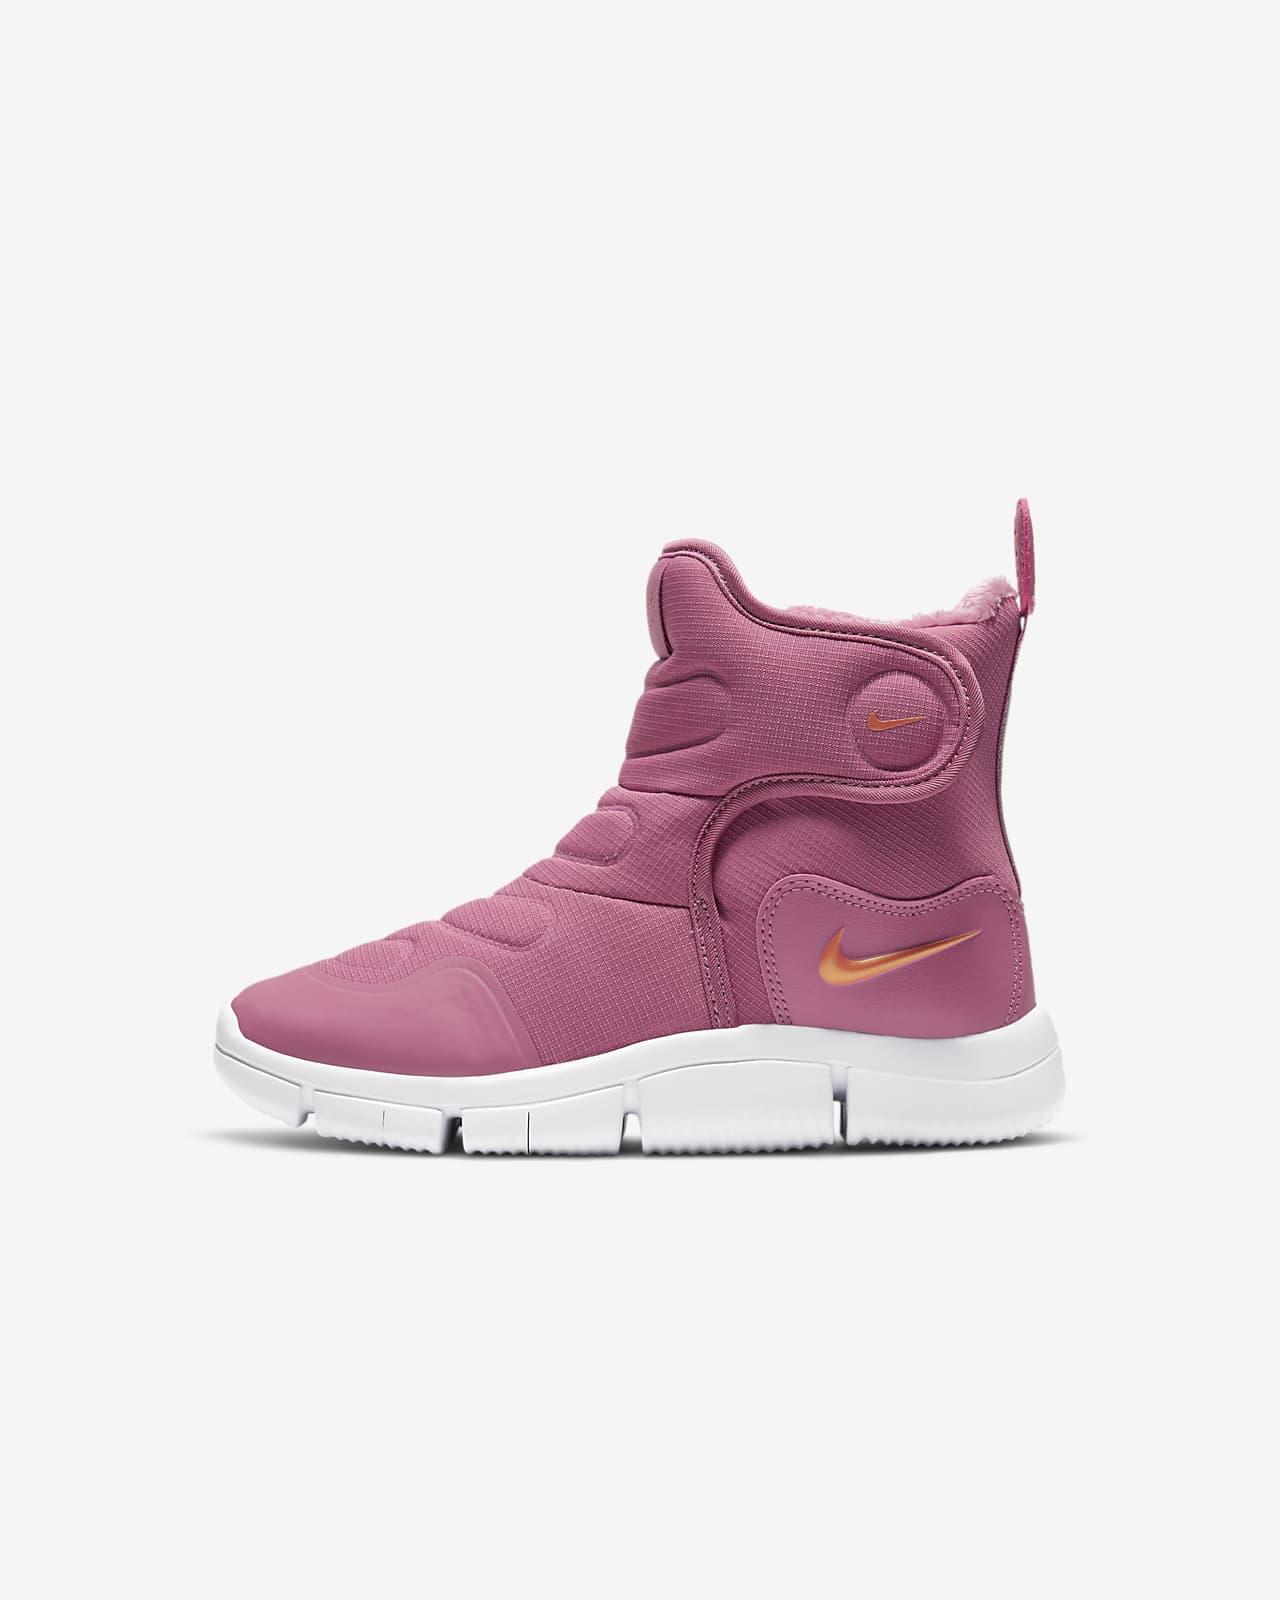 Nike Novice Boot (PS) 幼童运动童鞋